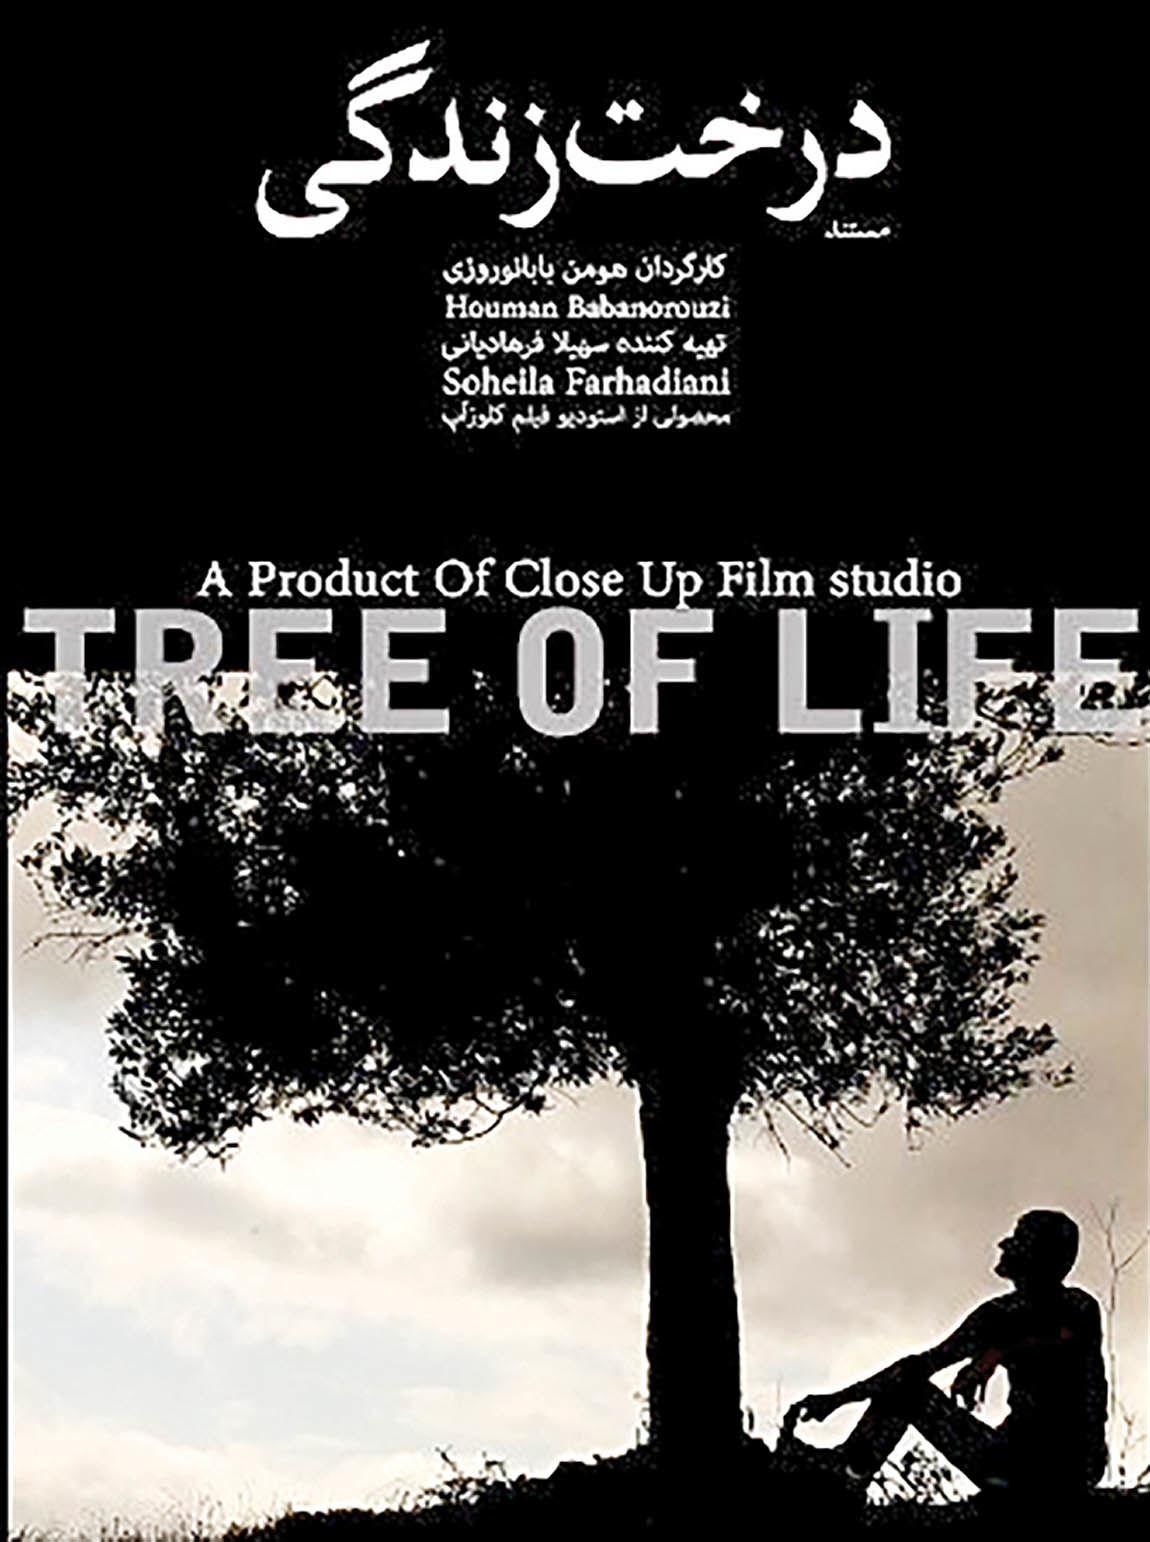 اکران فیلمی درباره سرنوشت بازیگران «خانه دوست کجاست»